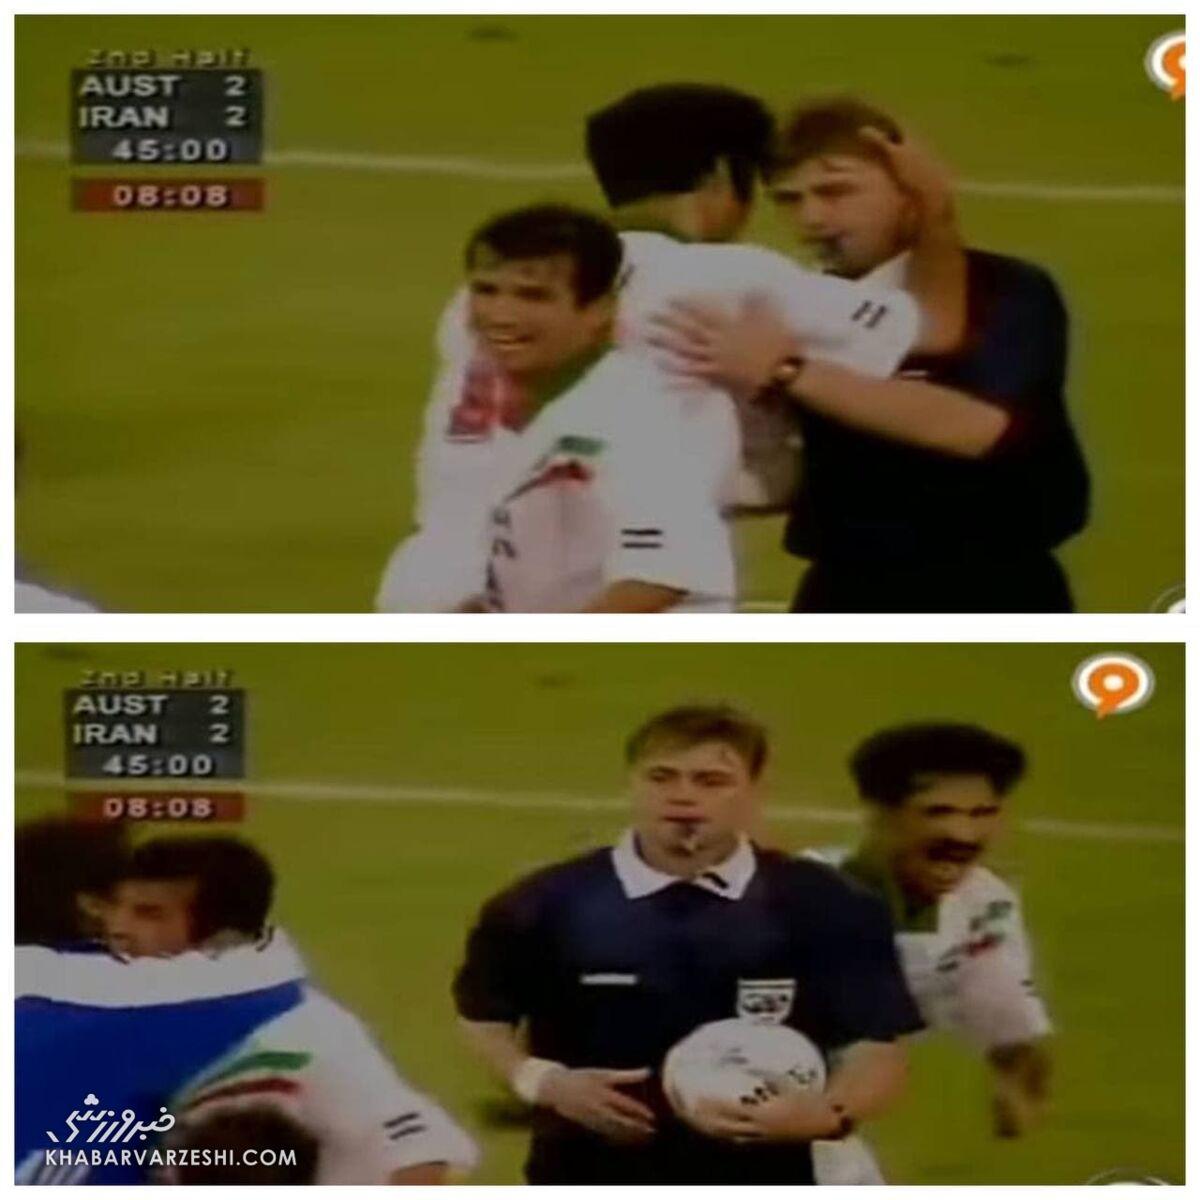 تصویری از لحظه تاریخی تشکر علی دایی از داور بازی ایران و استرالیا